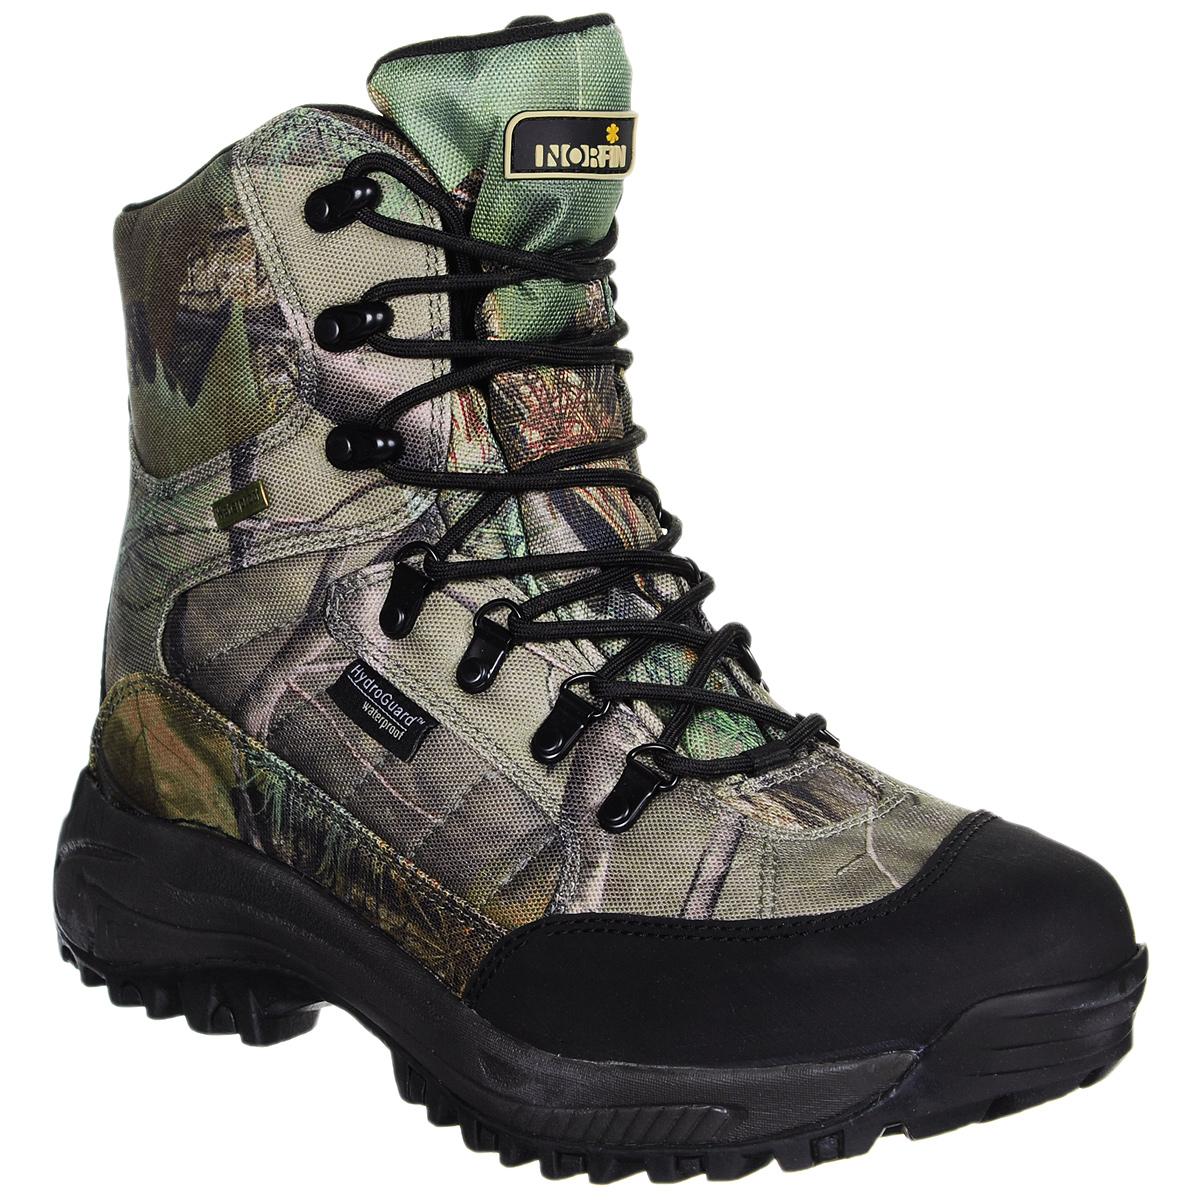 Купить Ботинки мужские Norfin Ranger, цвет: зеленый, бежевый, серый. 13993-45. Размер 45